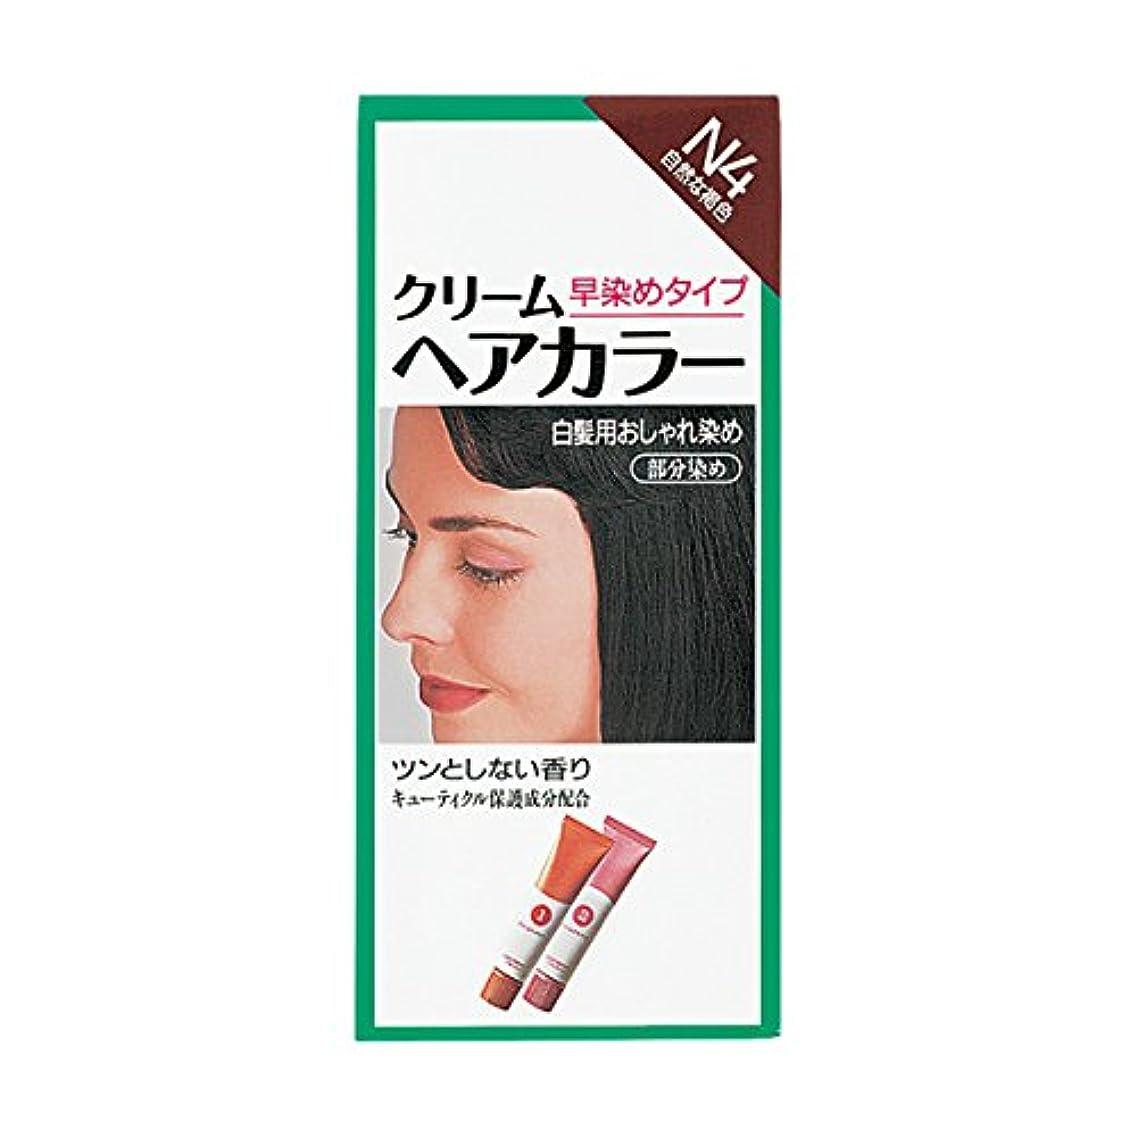 自我一瞬求人ヘアカラー クリームヘアカラーN N4 【医薬部外品】